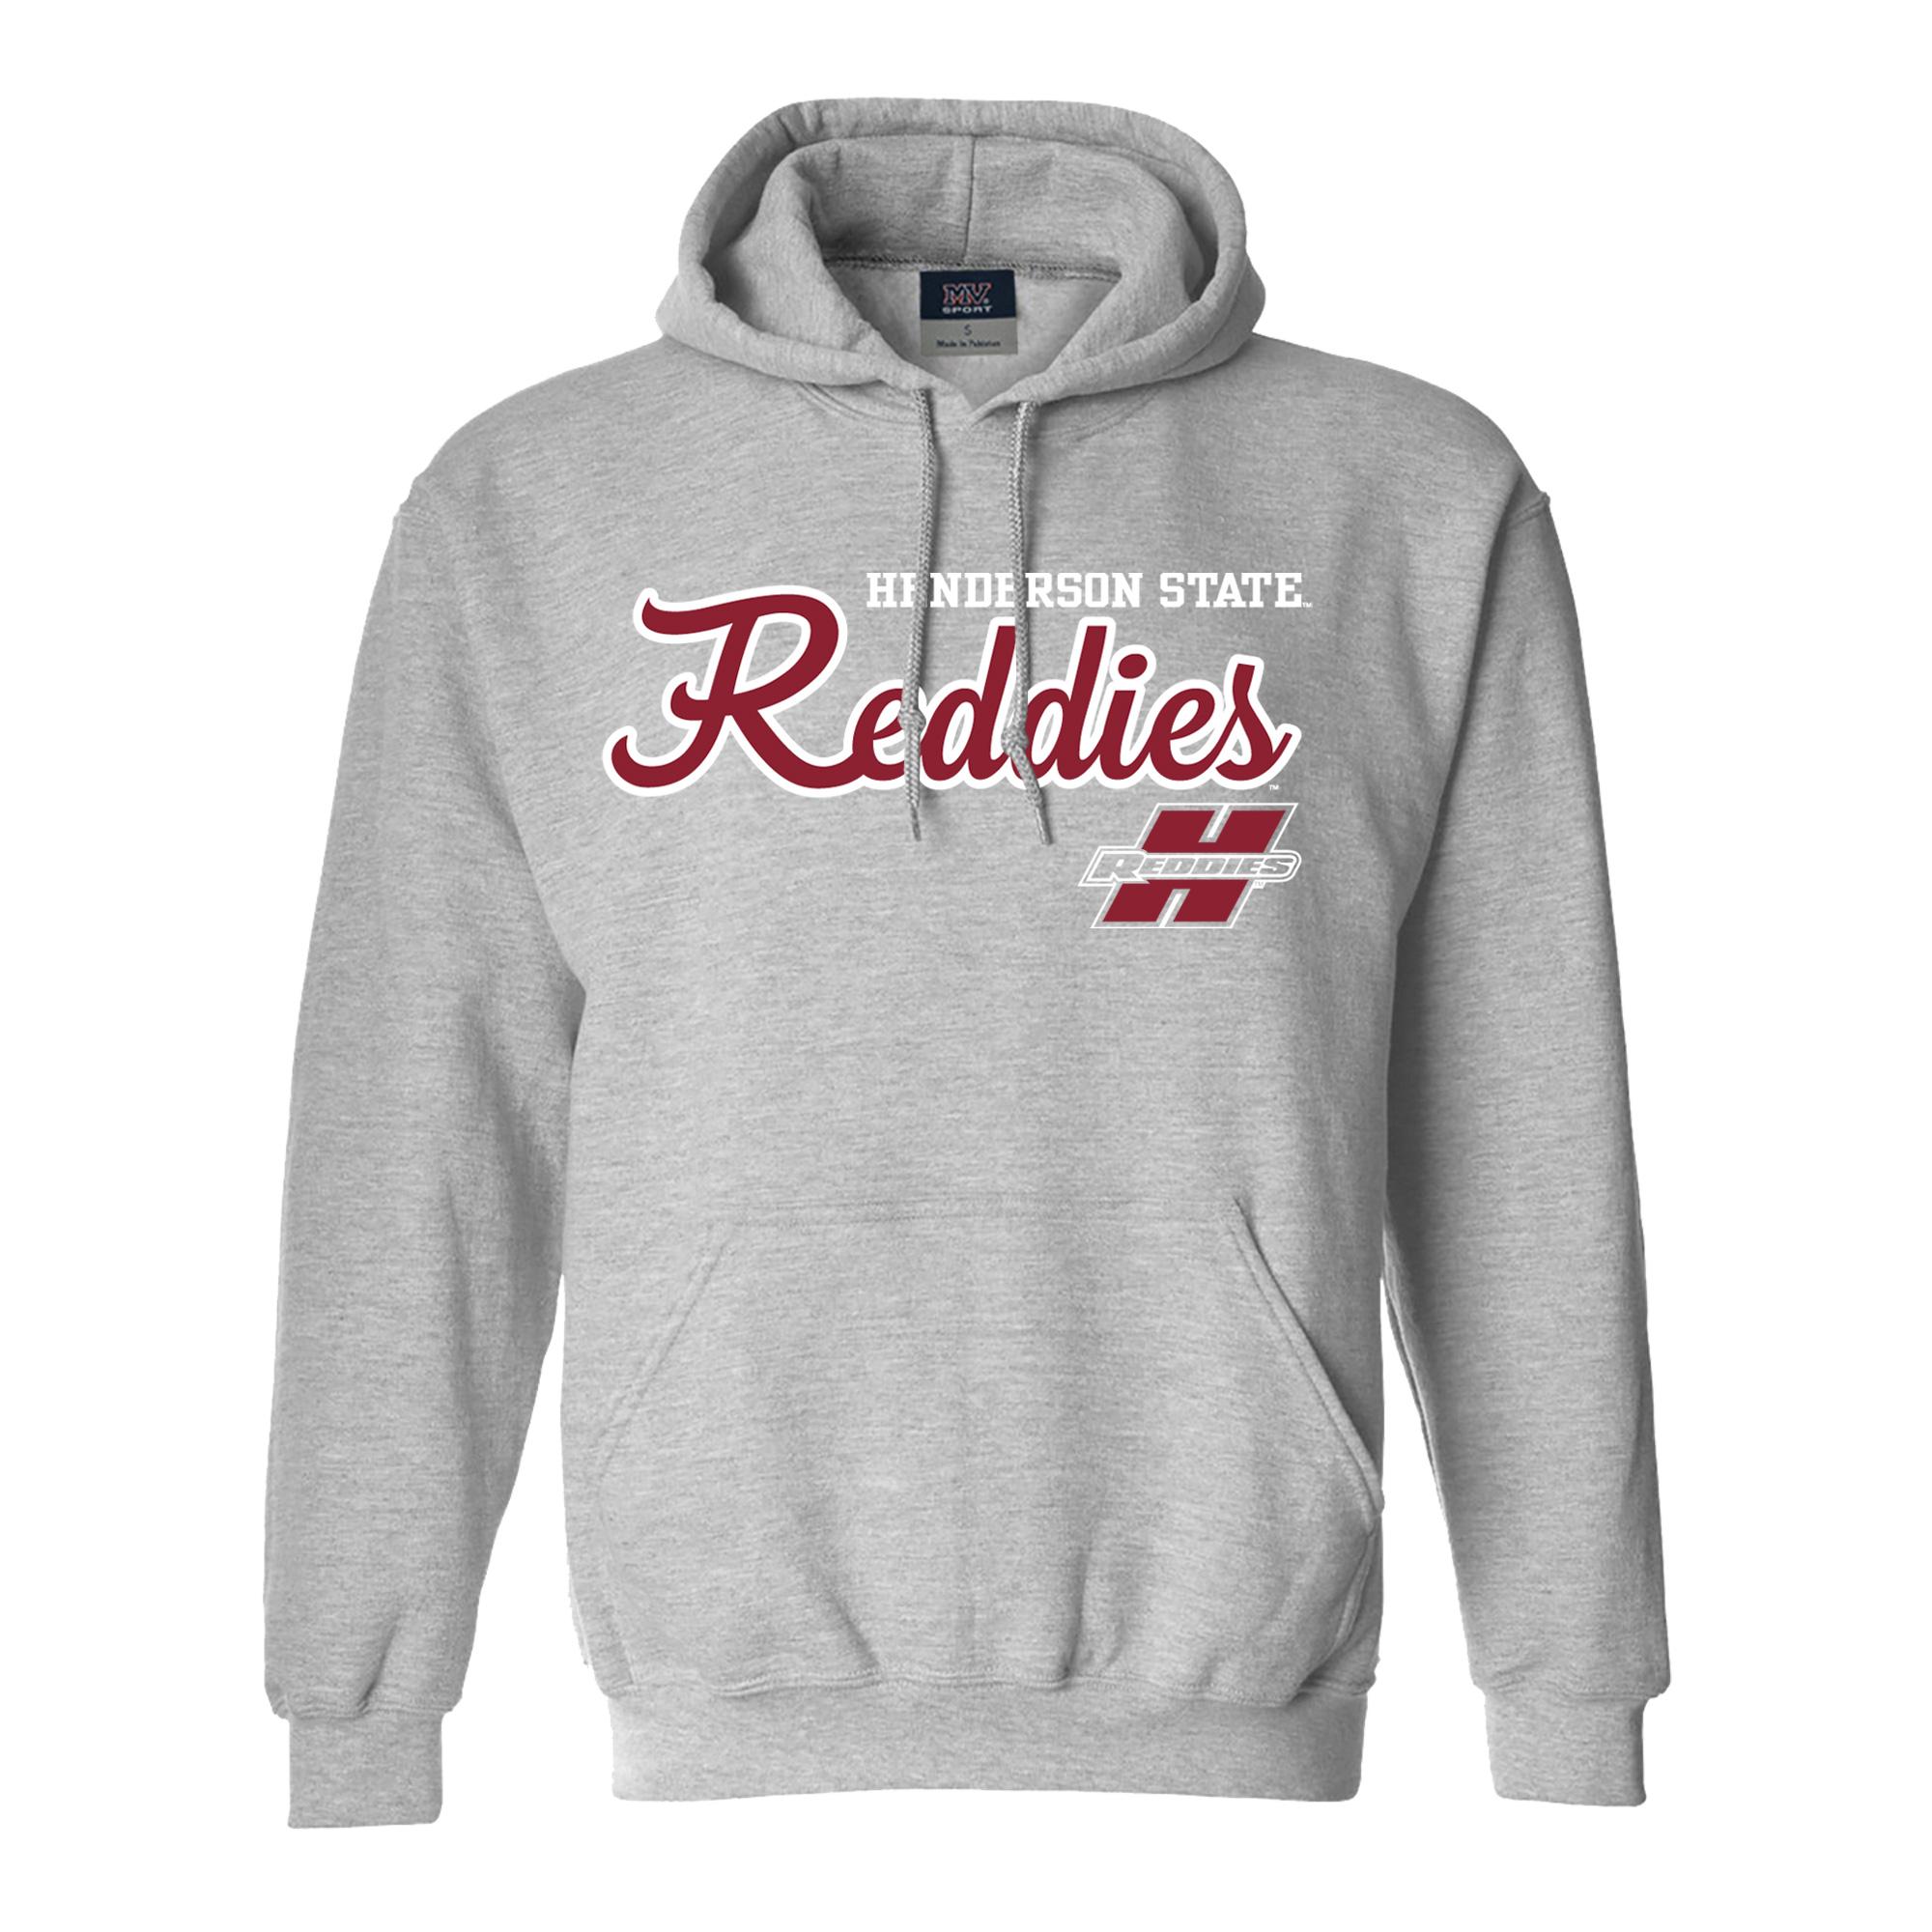 Henderson State Reddies Comfort Fleece Hoodie